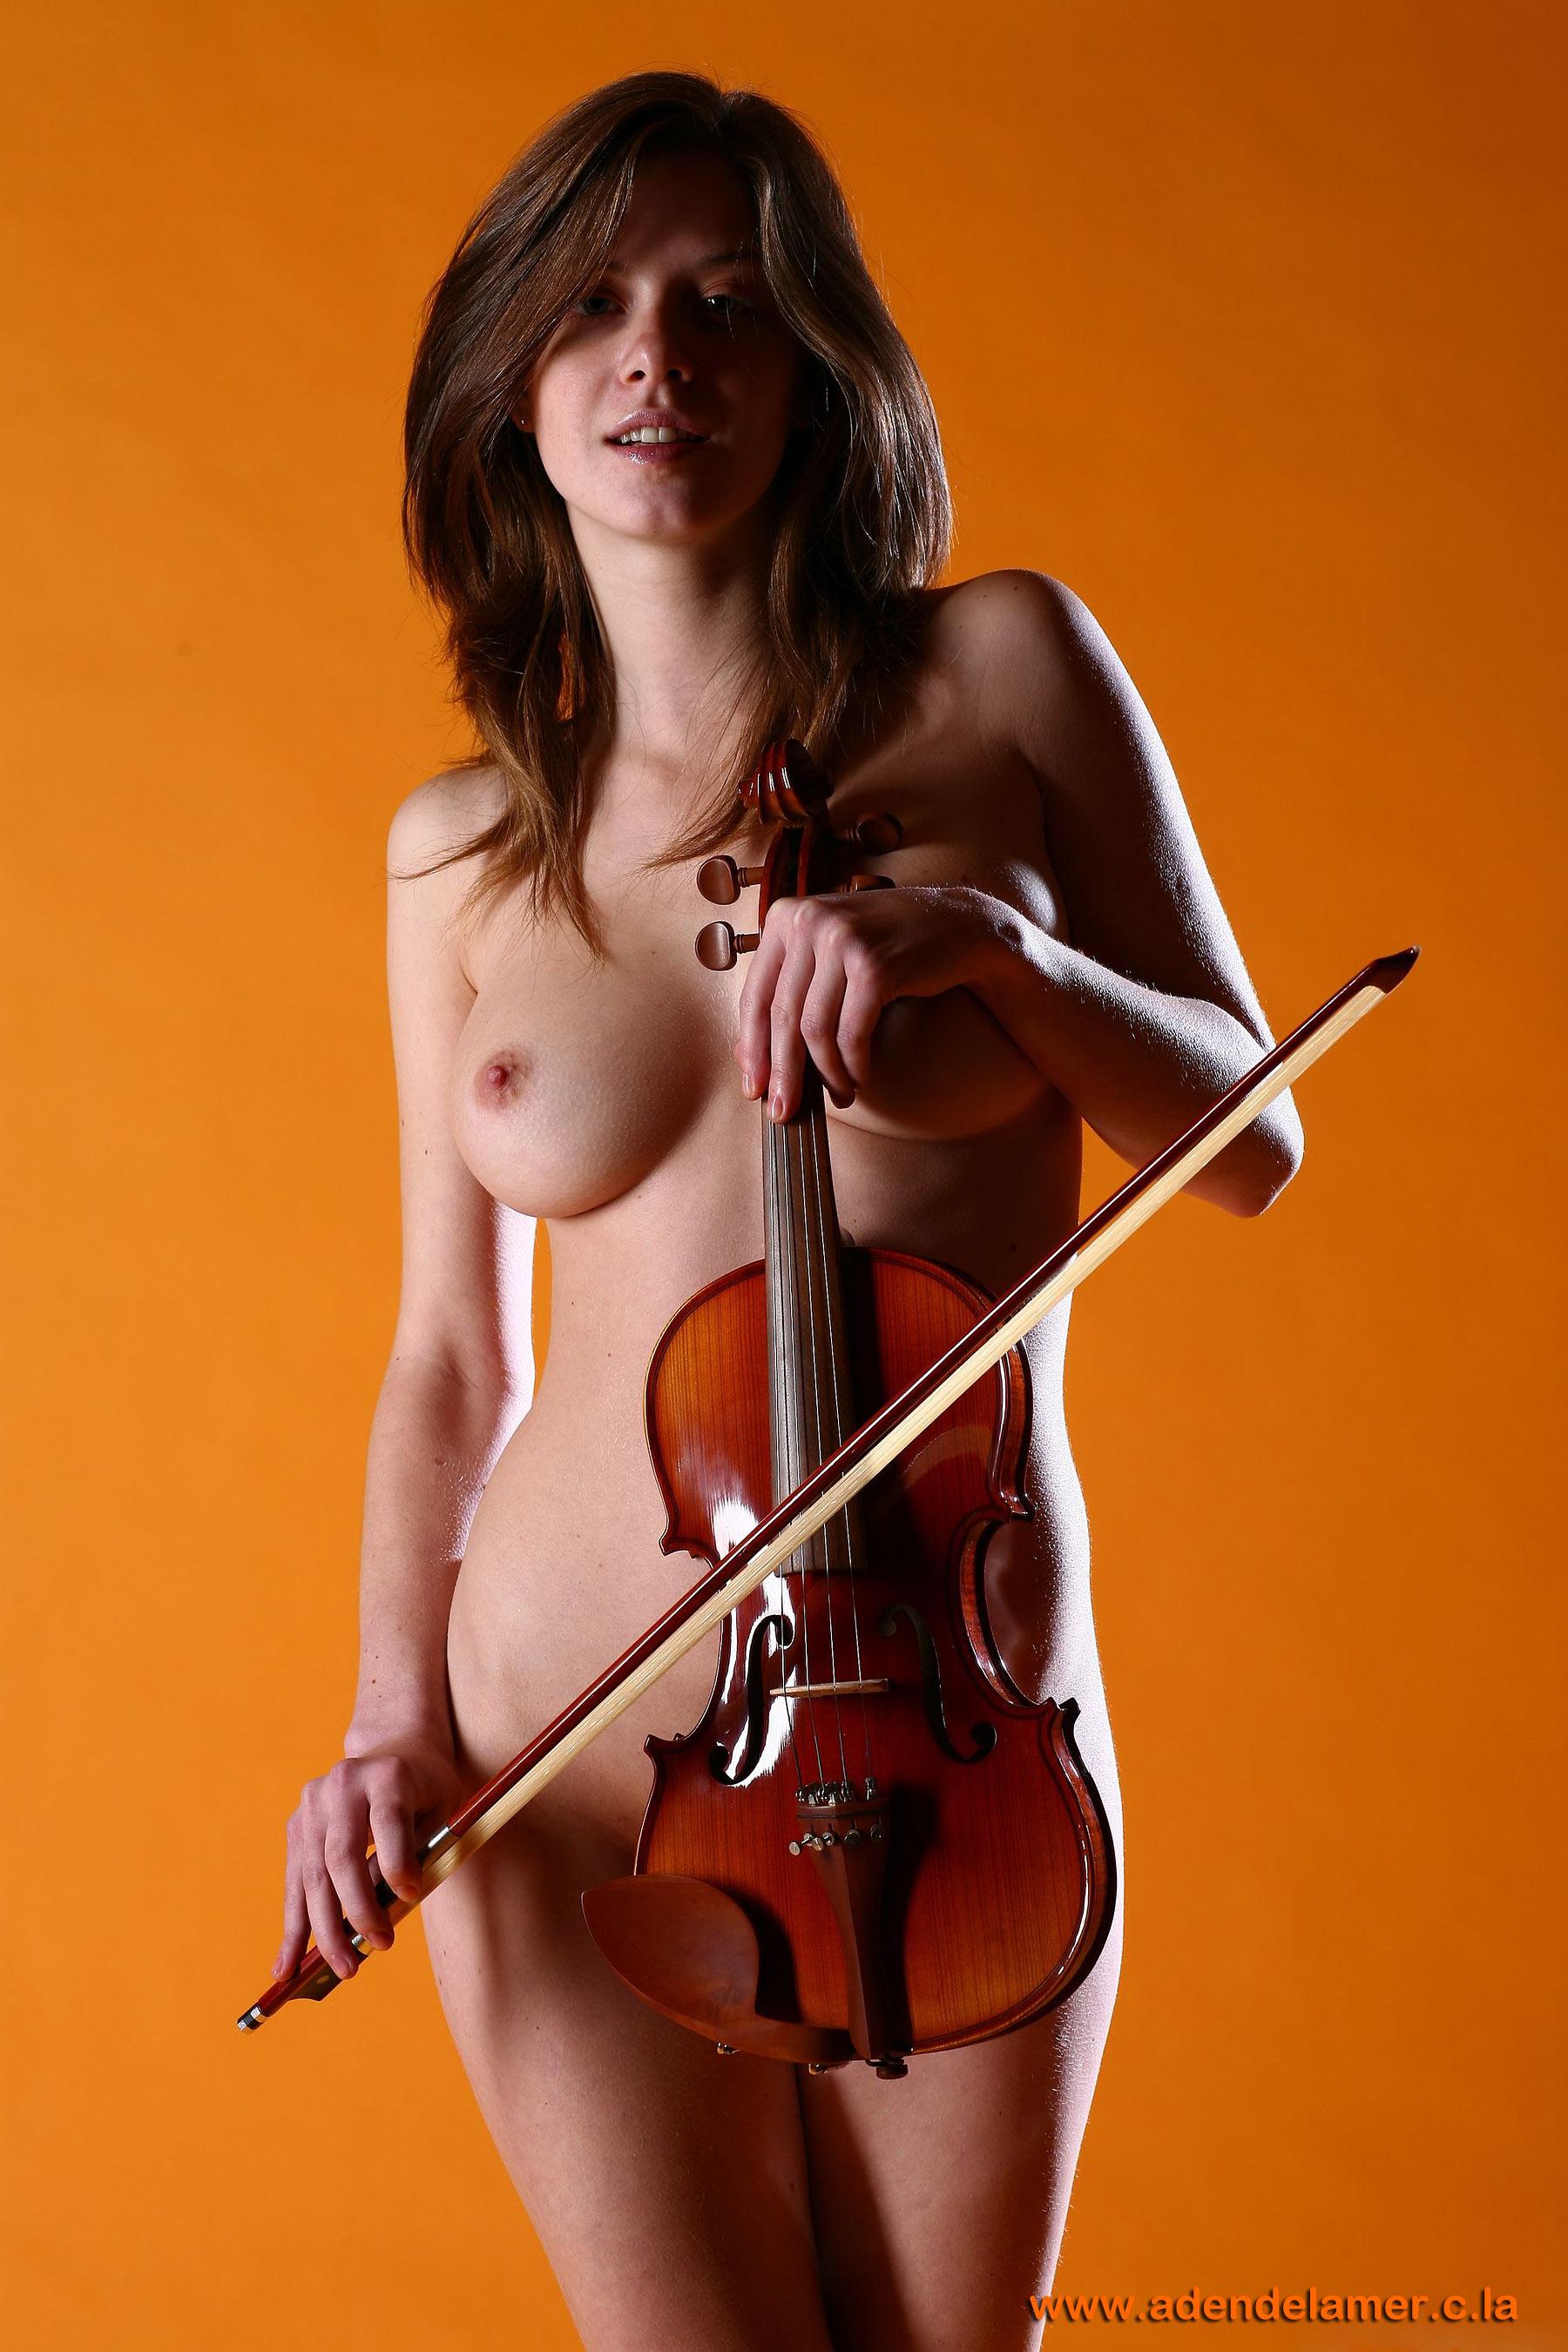 Фото голой скрипачки 1 фотография